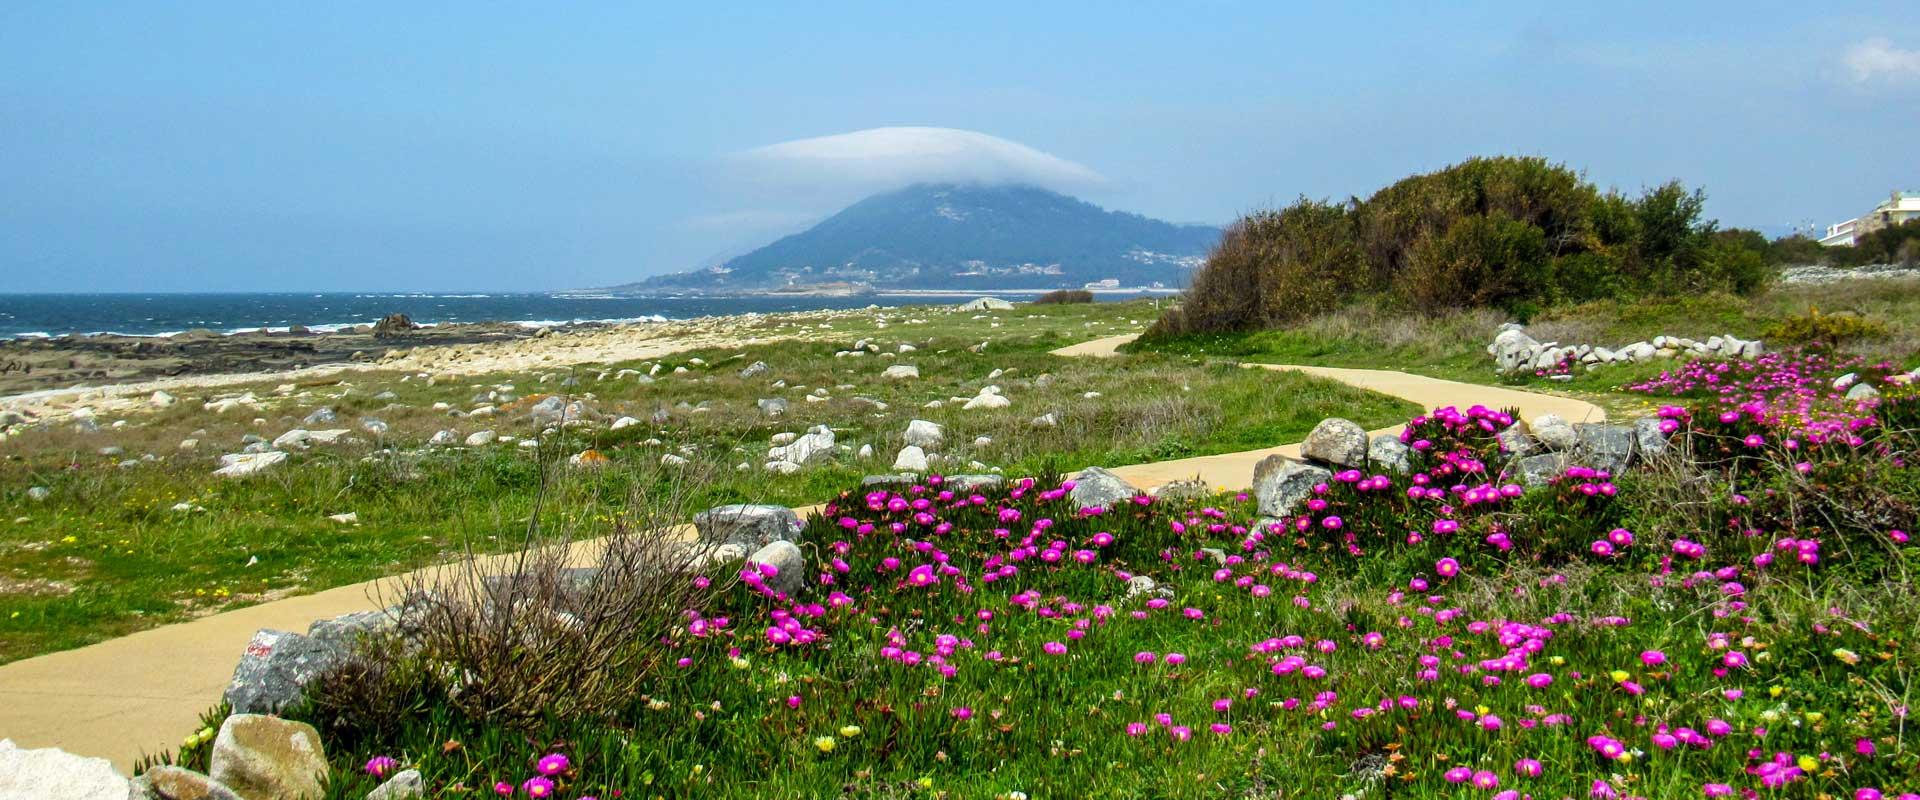 Camino Portugués: Coastal Way